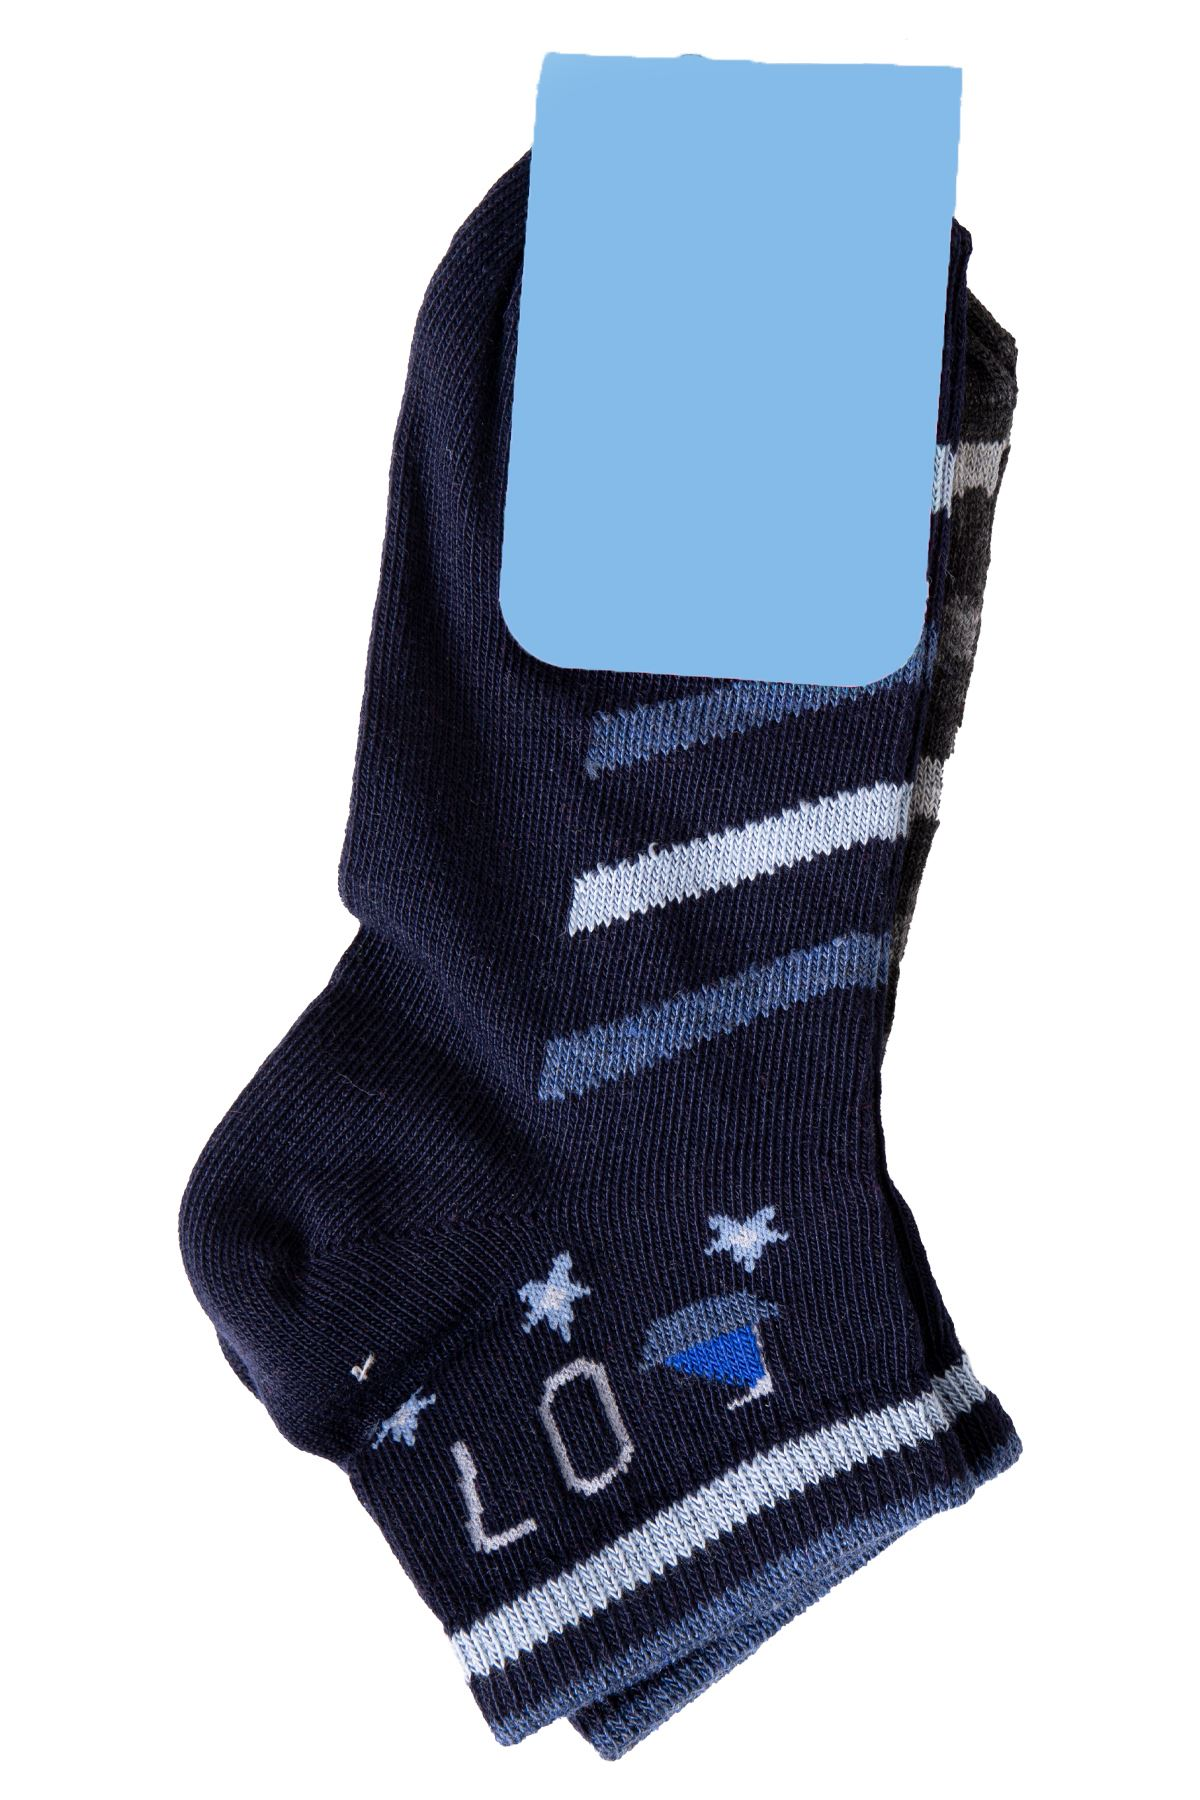 Erkek Çocuk Baskılı Lacivert Çorap